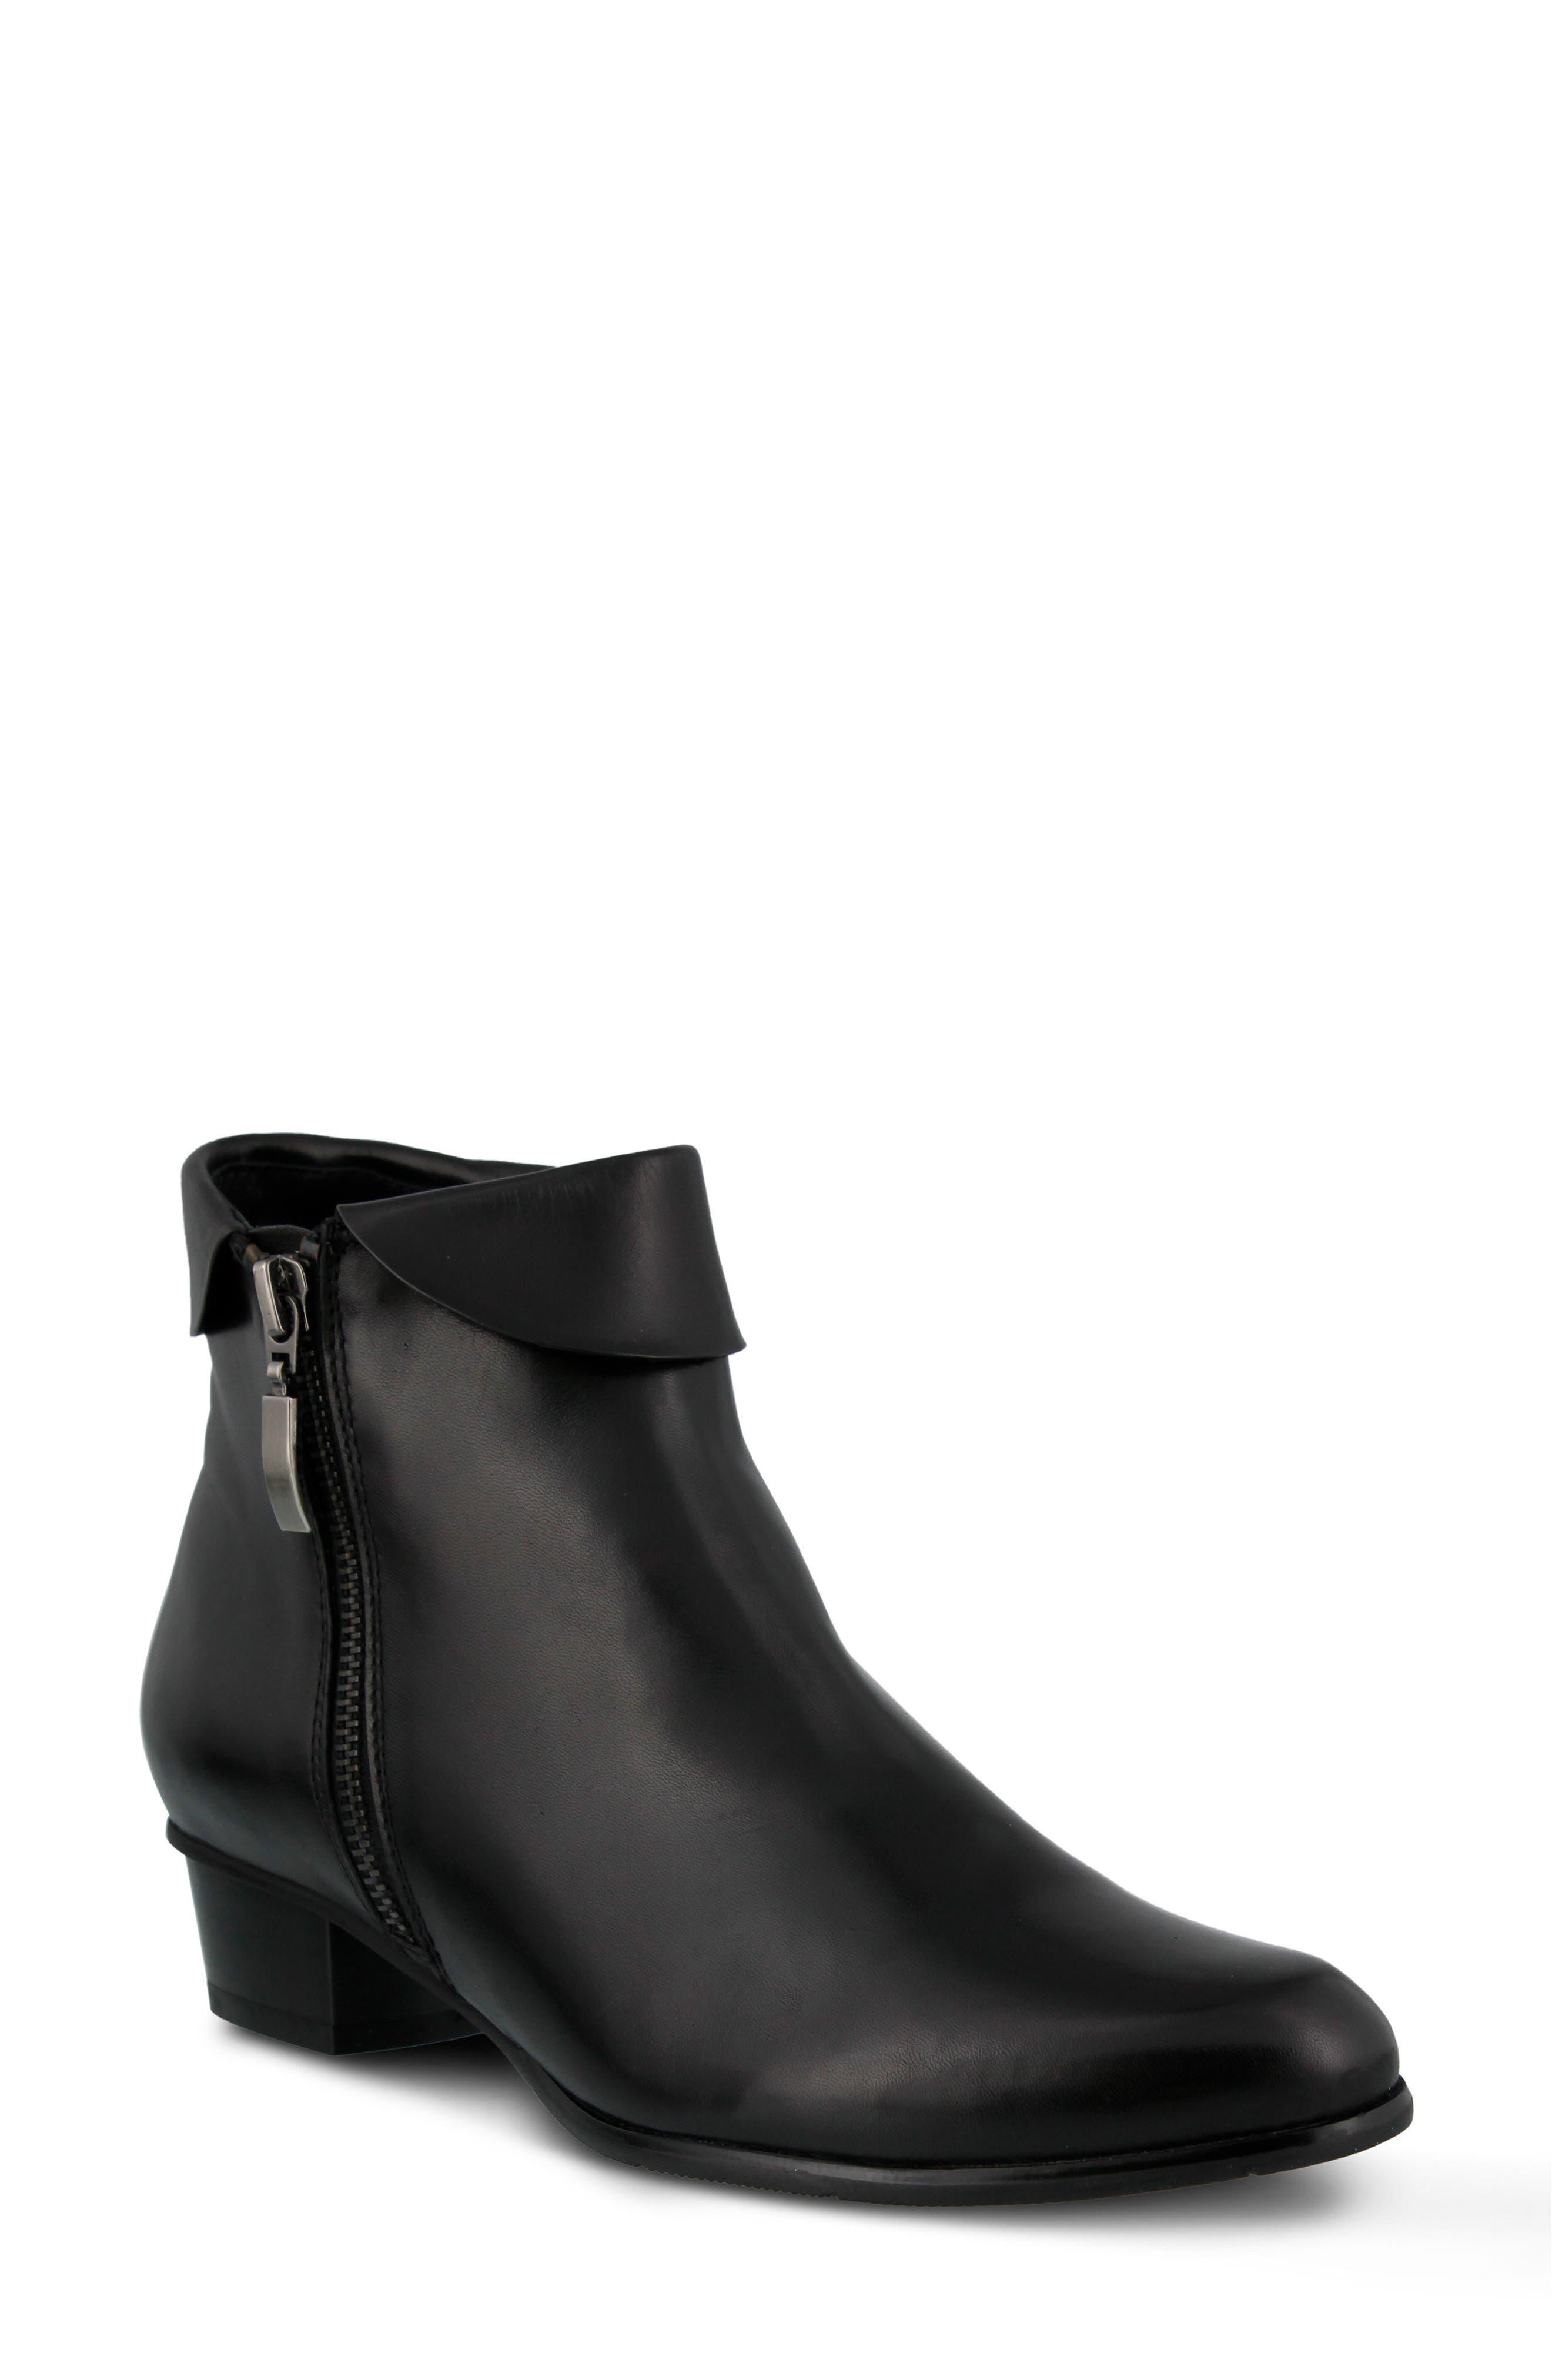 SPRING STEP 'Stockholm' Boot, Main, color, BLACK